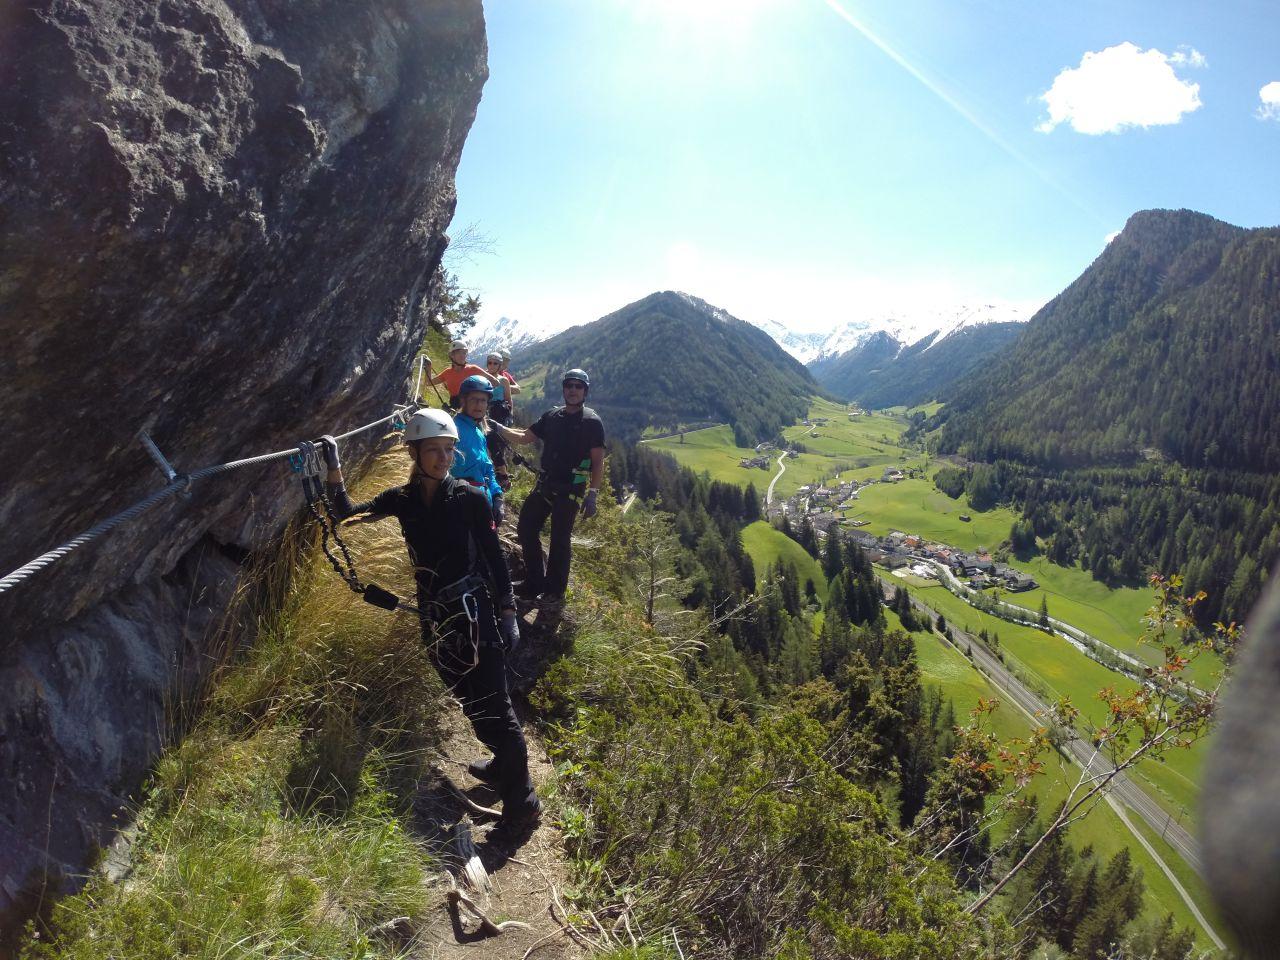 St Jodok Klettersteig : Peter kofler klettersteig in der stafflacher wand bei st jodok im